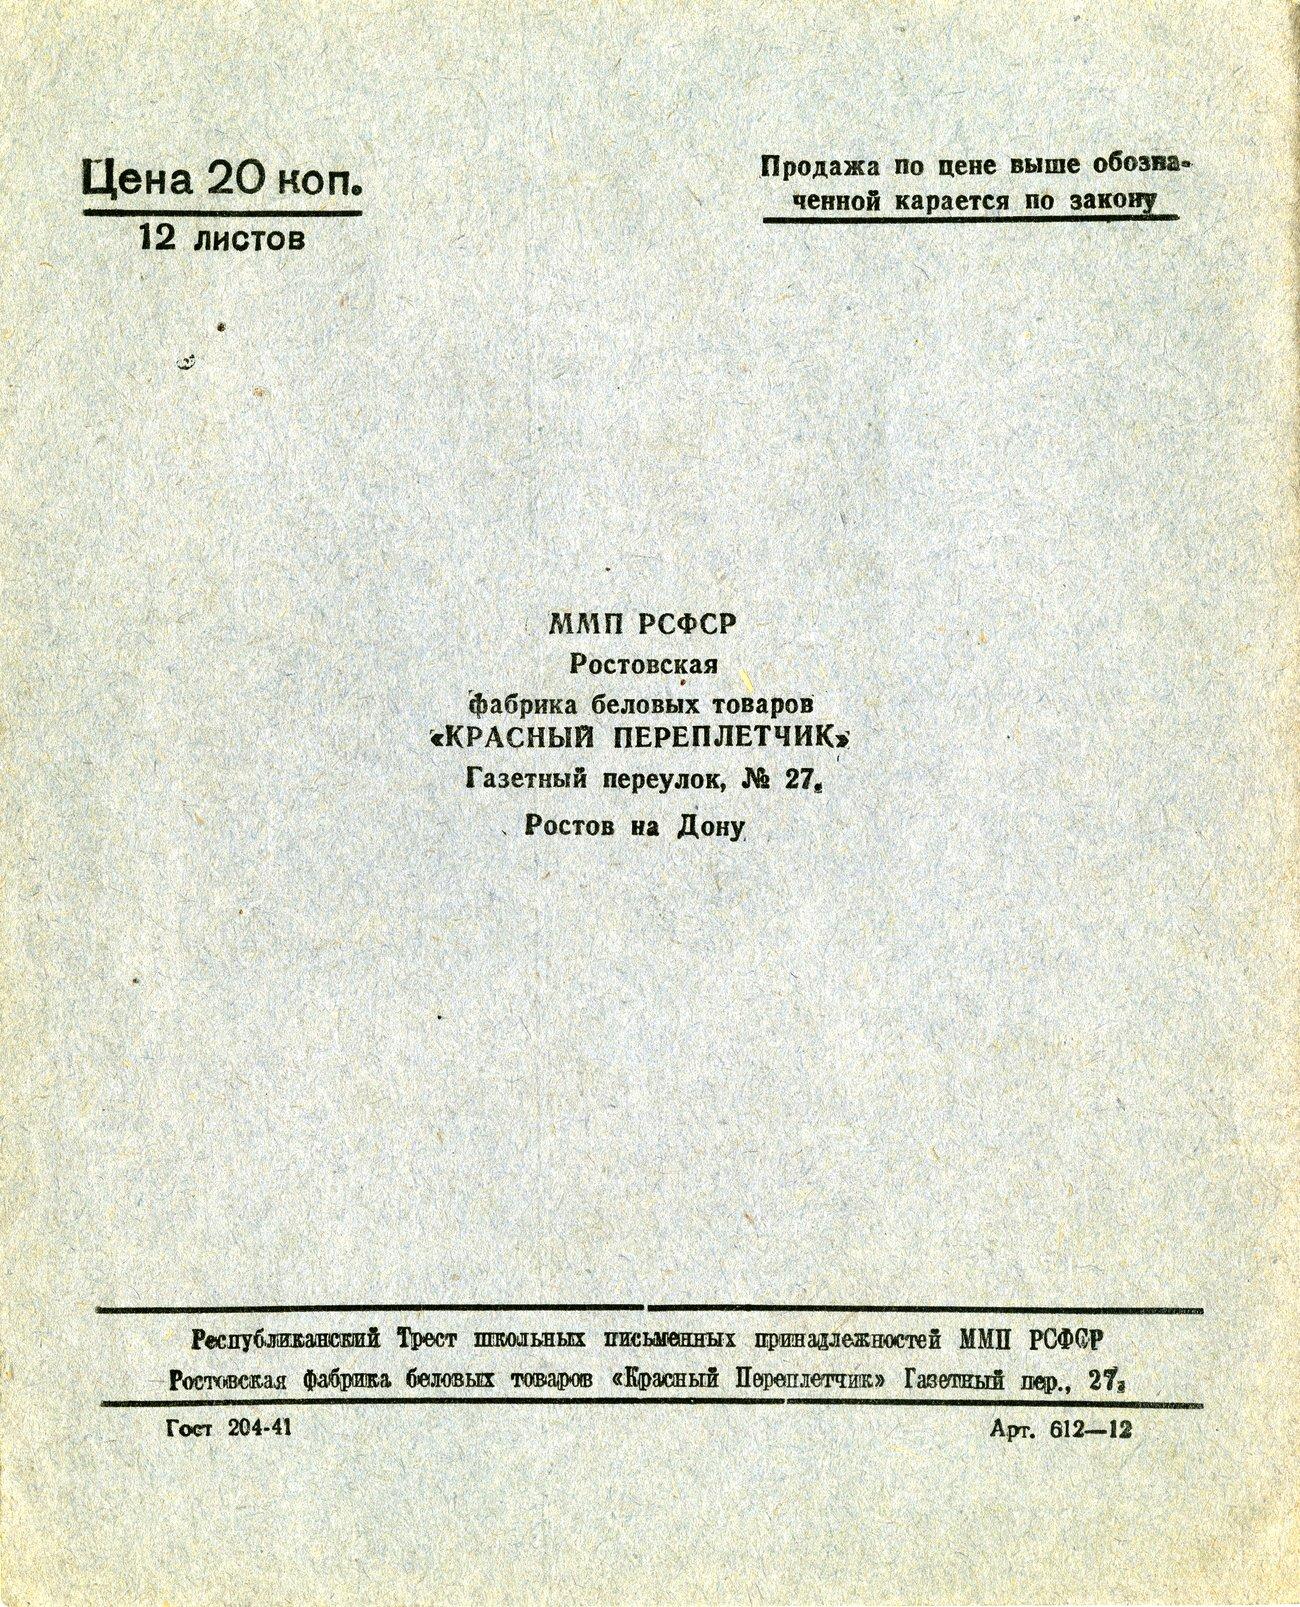 30 лет ВЛКСМ, 1948, оборот